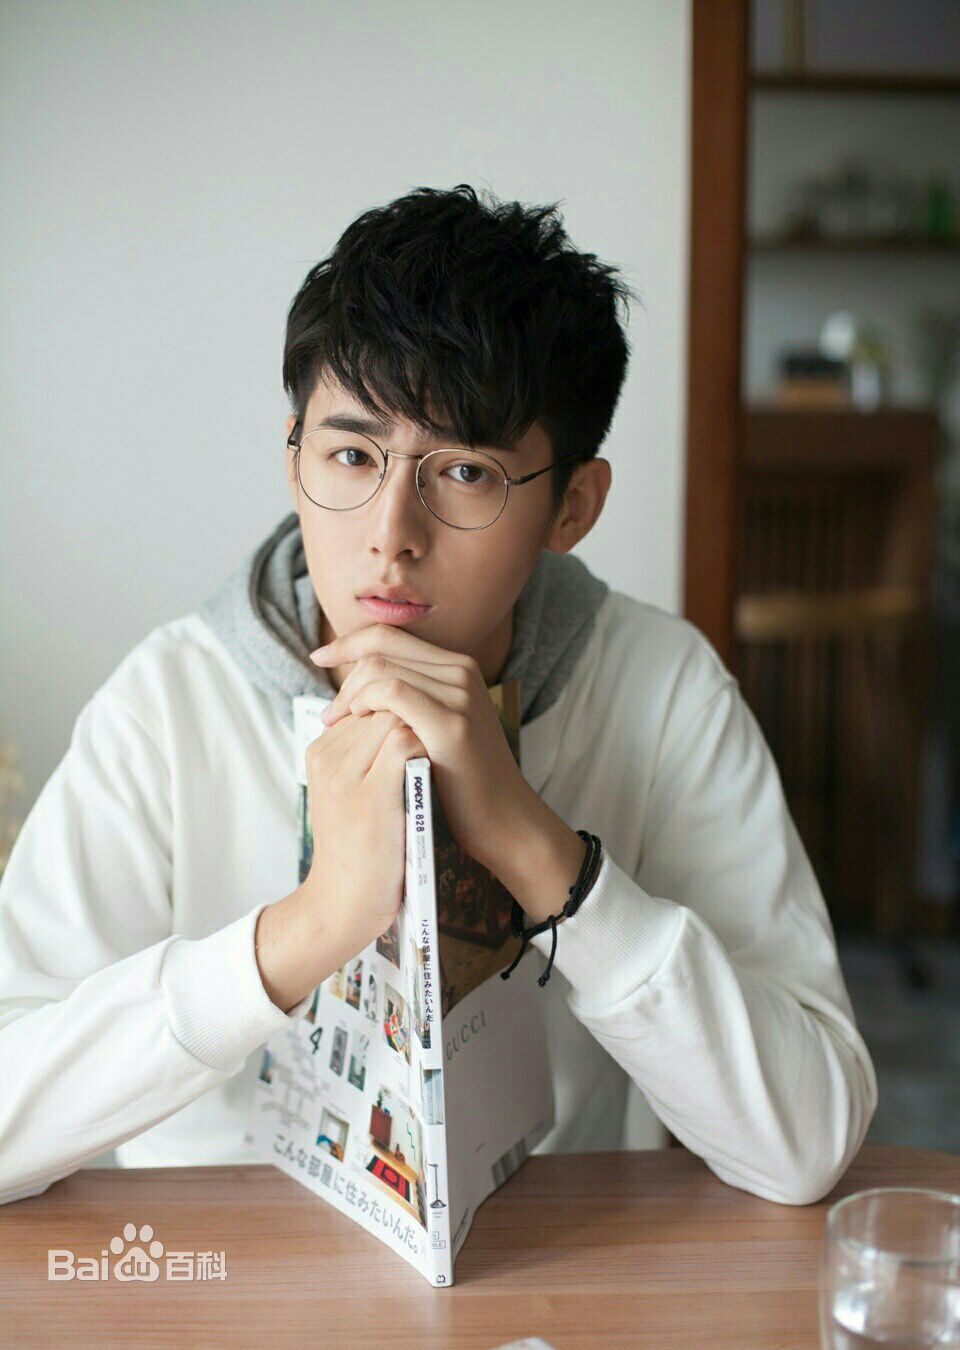 Cai Yao